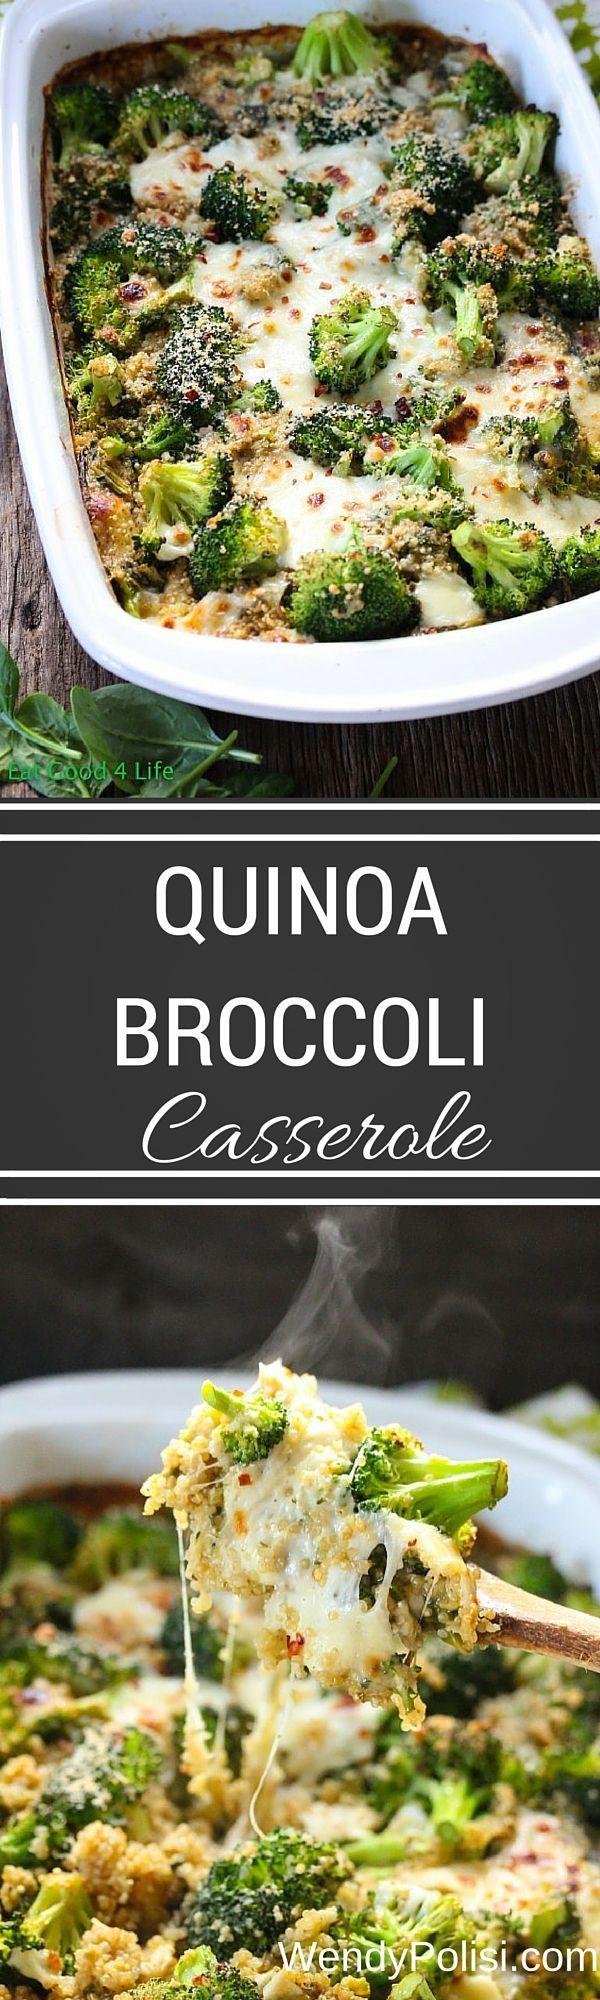 Cheesy Broccoli Quinoa Casserole | Recipe | Quinoa, Broccoli Quinoa ...